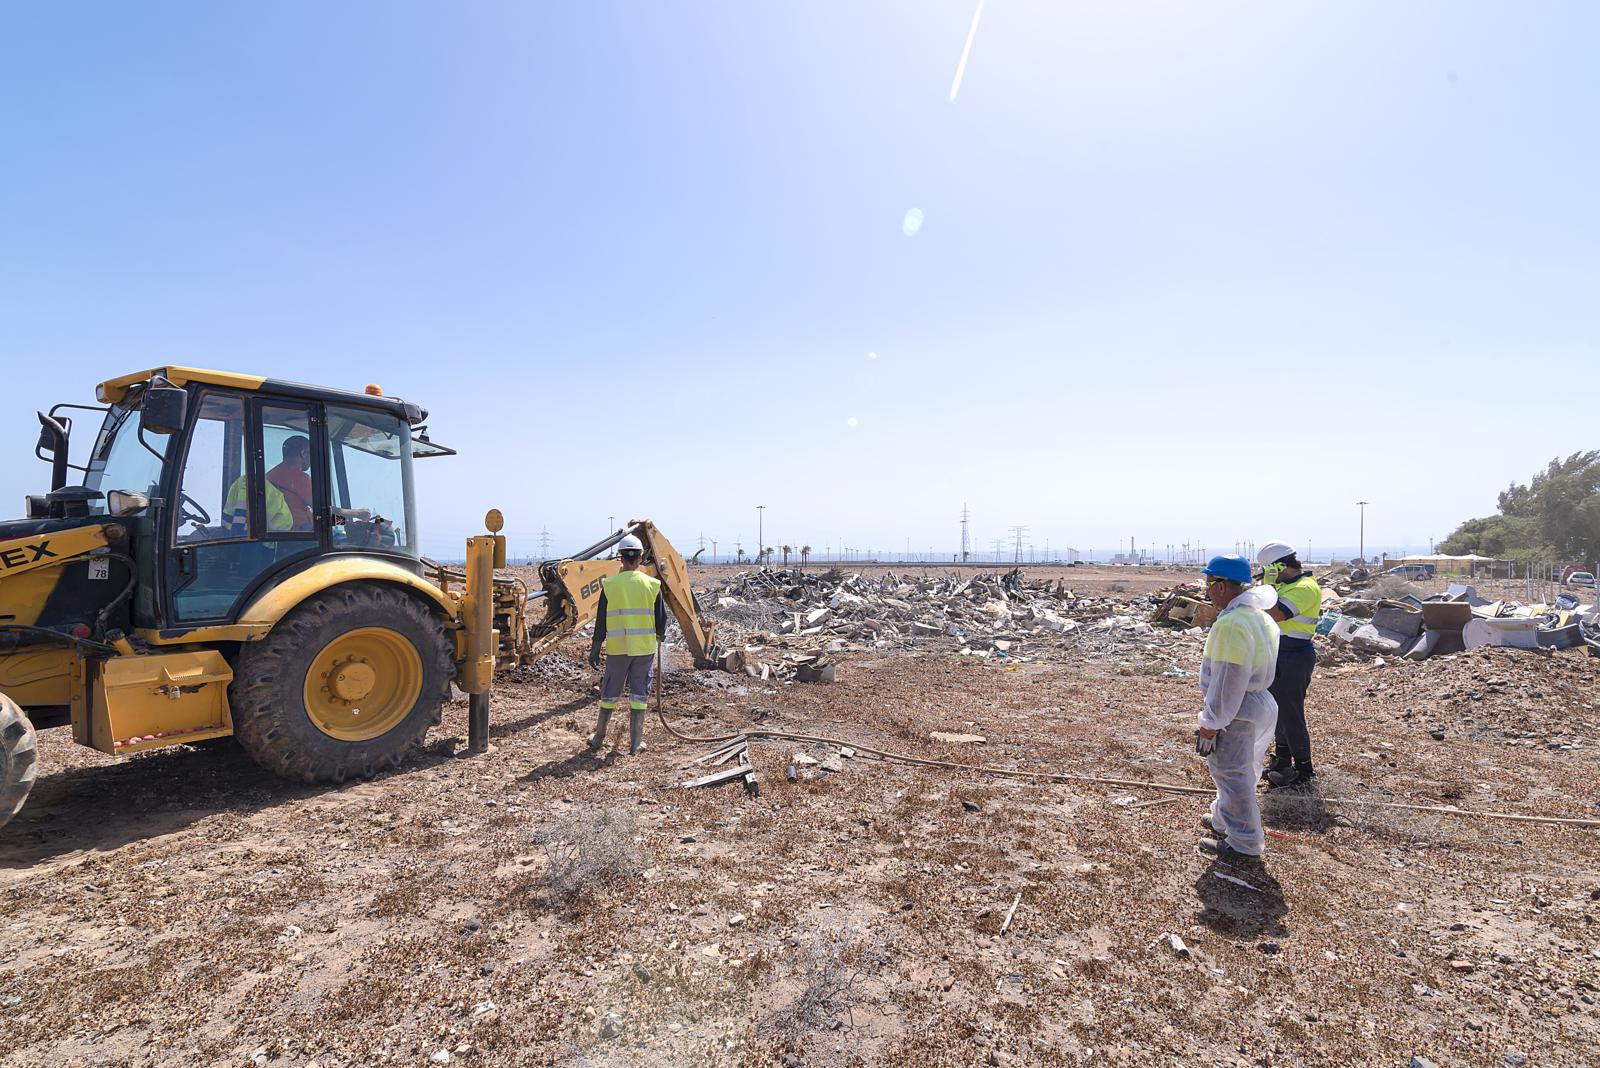 Ecoener coopera con la concejalía de Urbanismo de San Bartolomé de Tirajana para la retirada de residuos del barrio de Los Rodeos Alto